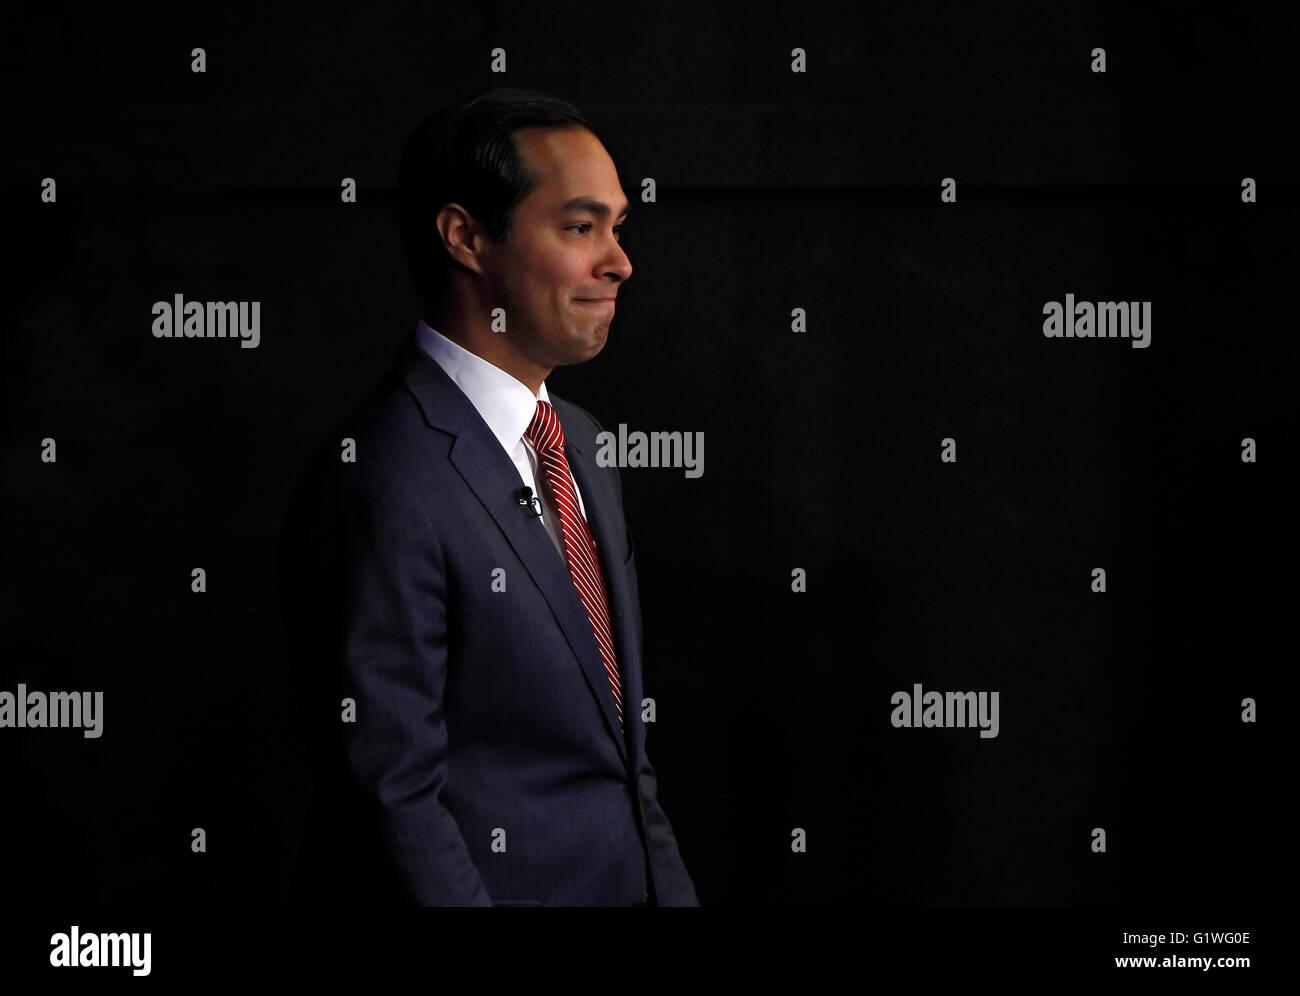 San Antonio Mayor Julian Castro waits backstage before a debate in San Antonio, Texas. Stock Photo